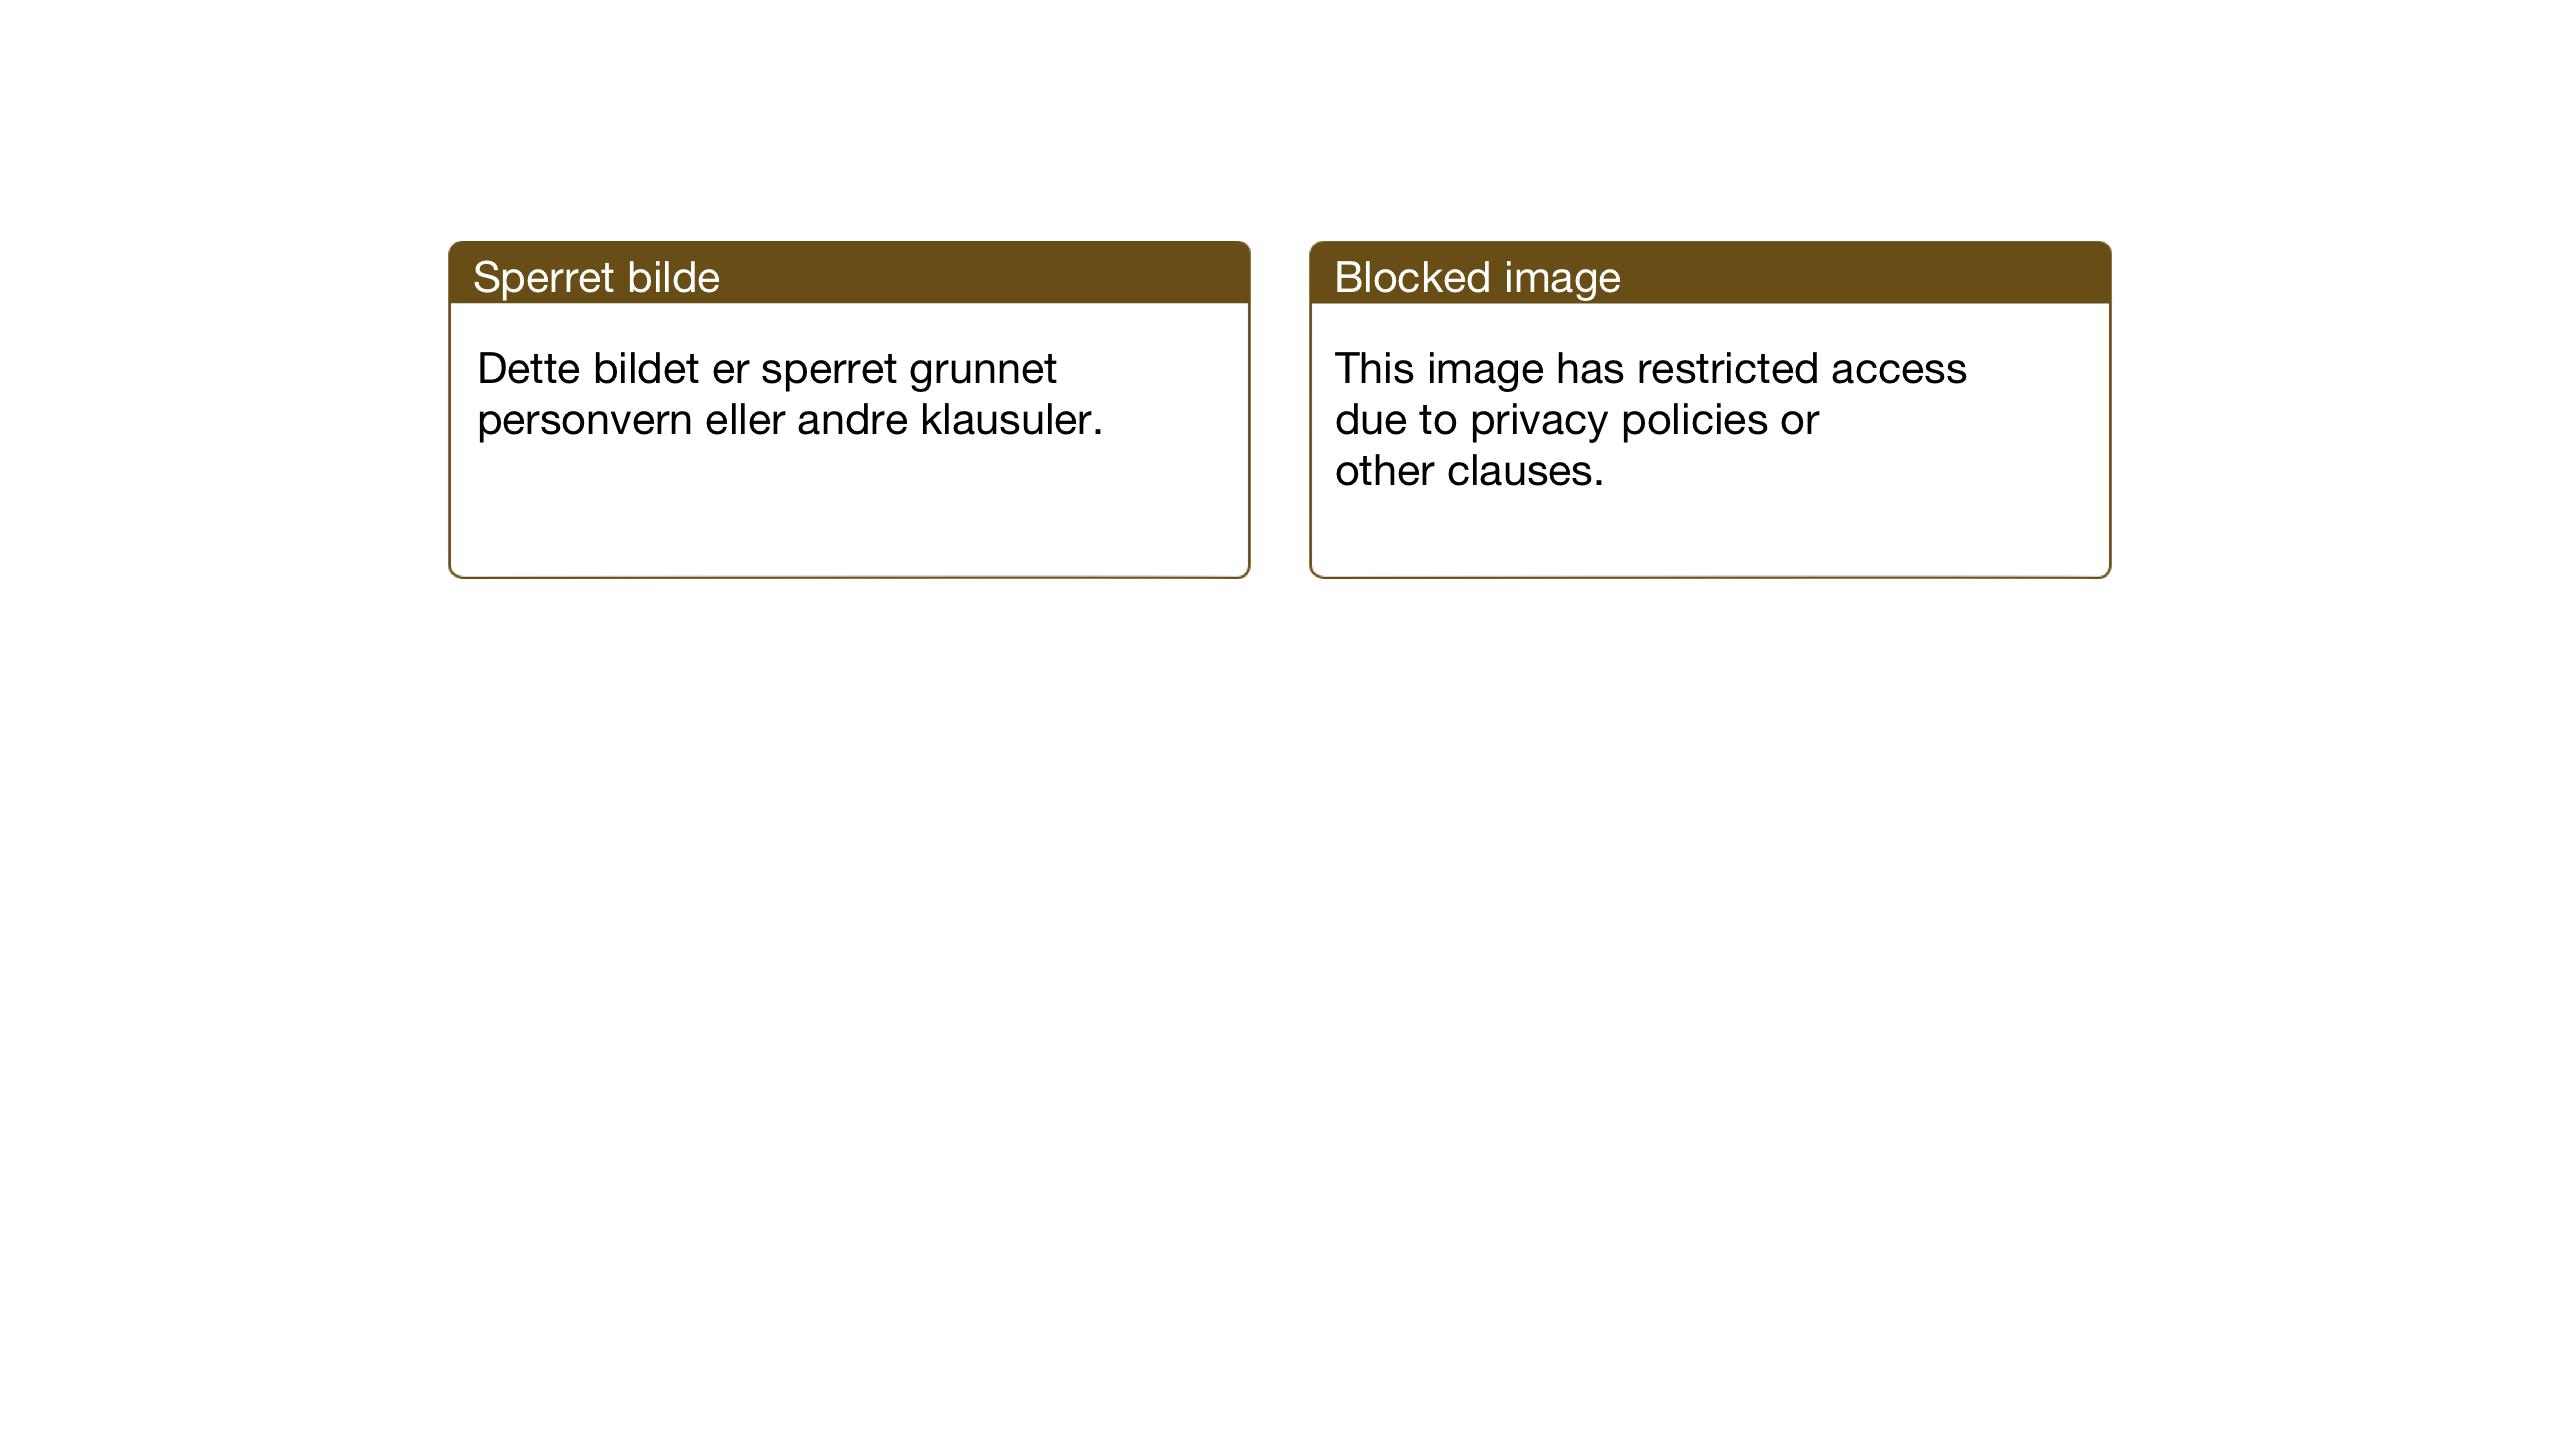 SAT, Ministerialprotokoller, klokkerbøker og fødselsregistre - Sør-Trøndelag, 618/L0454: Klokkerbok nr. 618C05, 1926-1946, s. 53